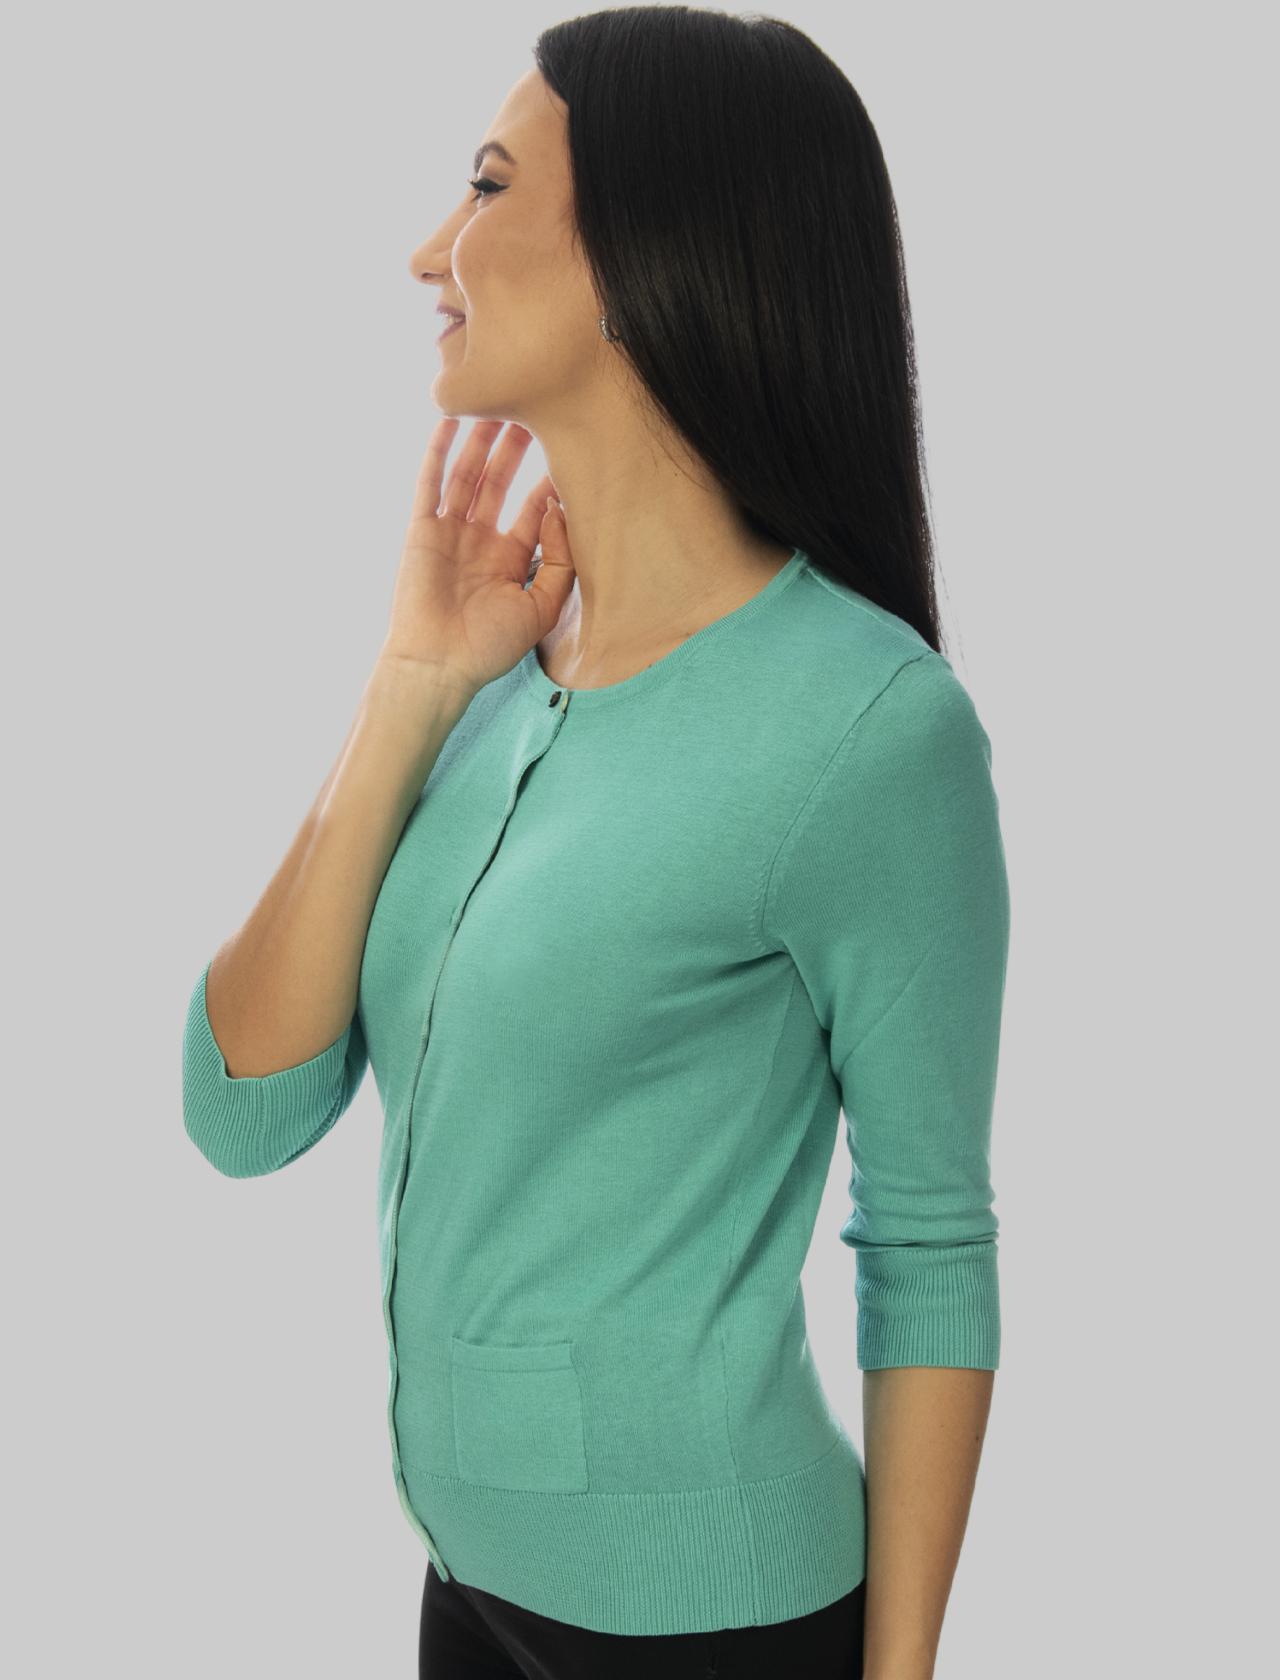 Abbigliamento Donna Cardigan Colours of the World in Seta e Cotone Turchese Maliparmi   Maglieria   JN21827807482012